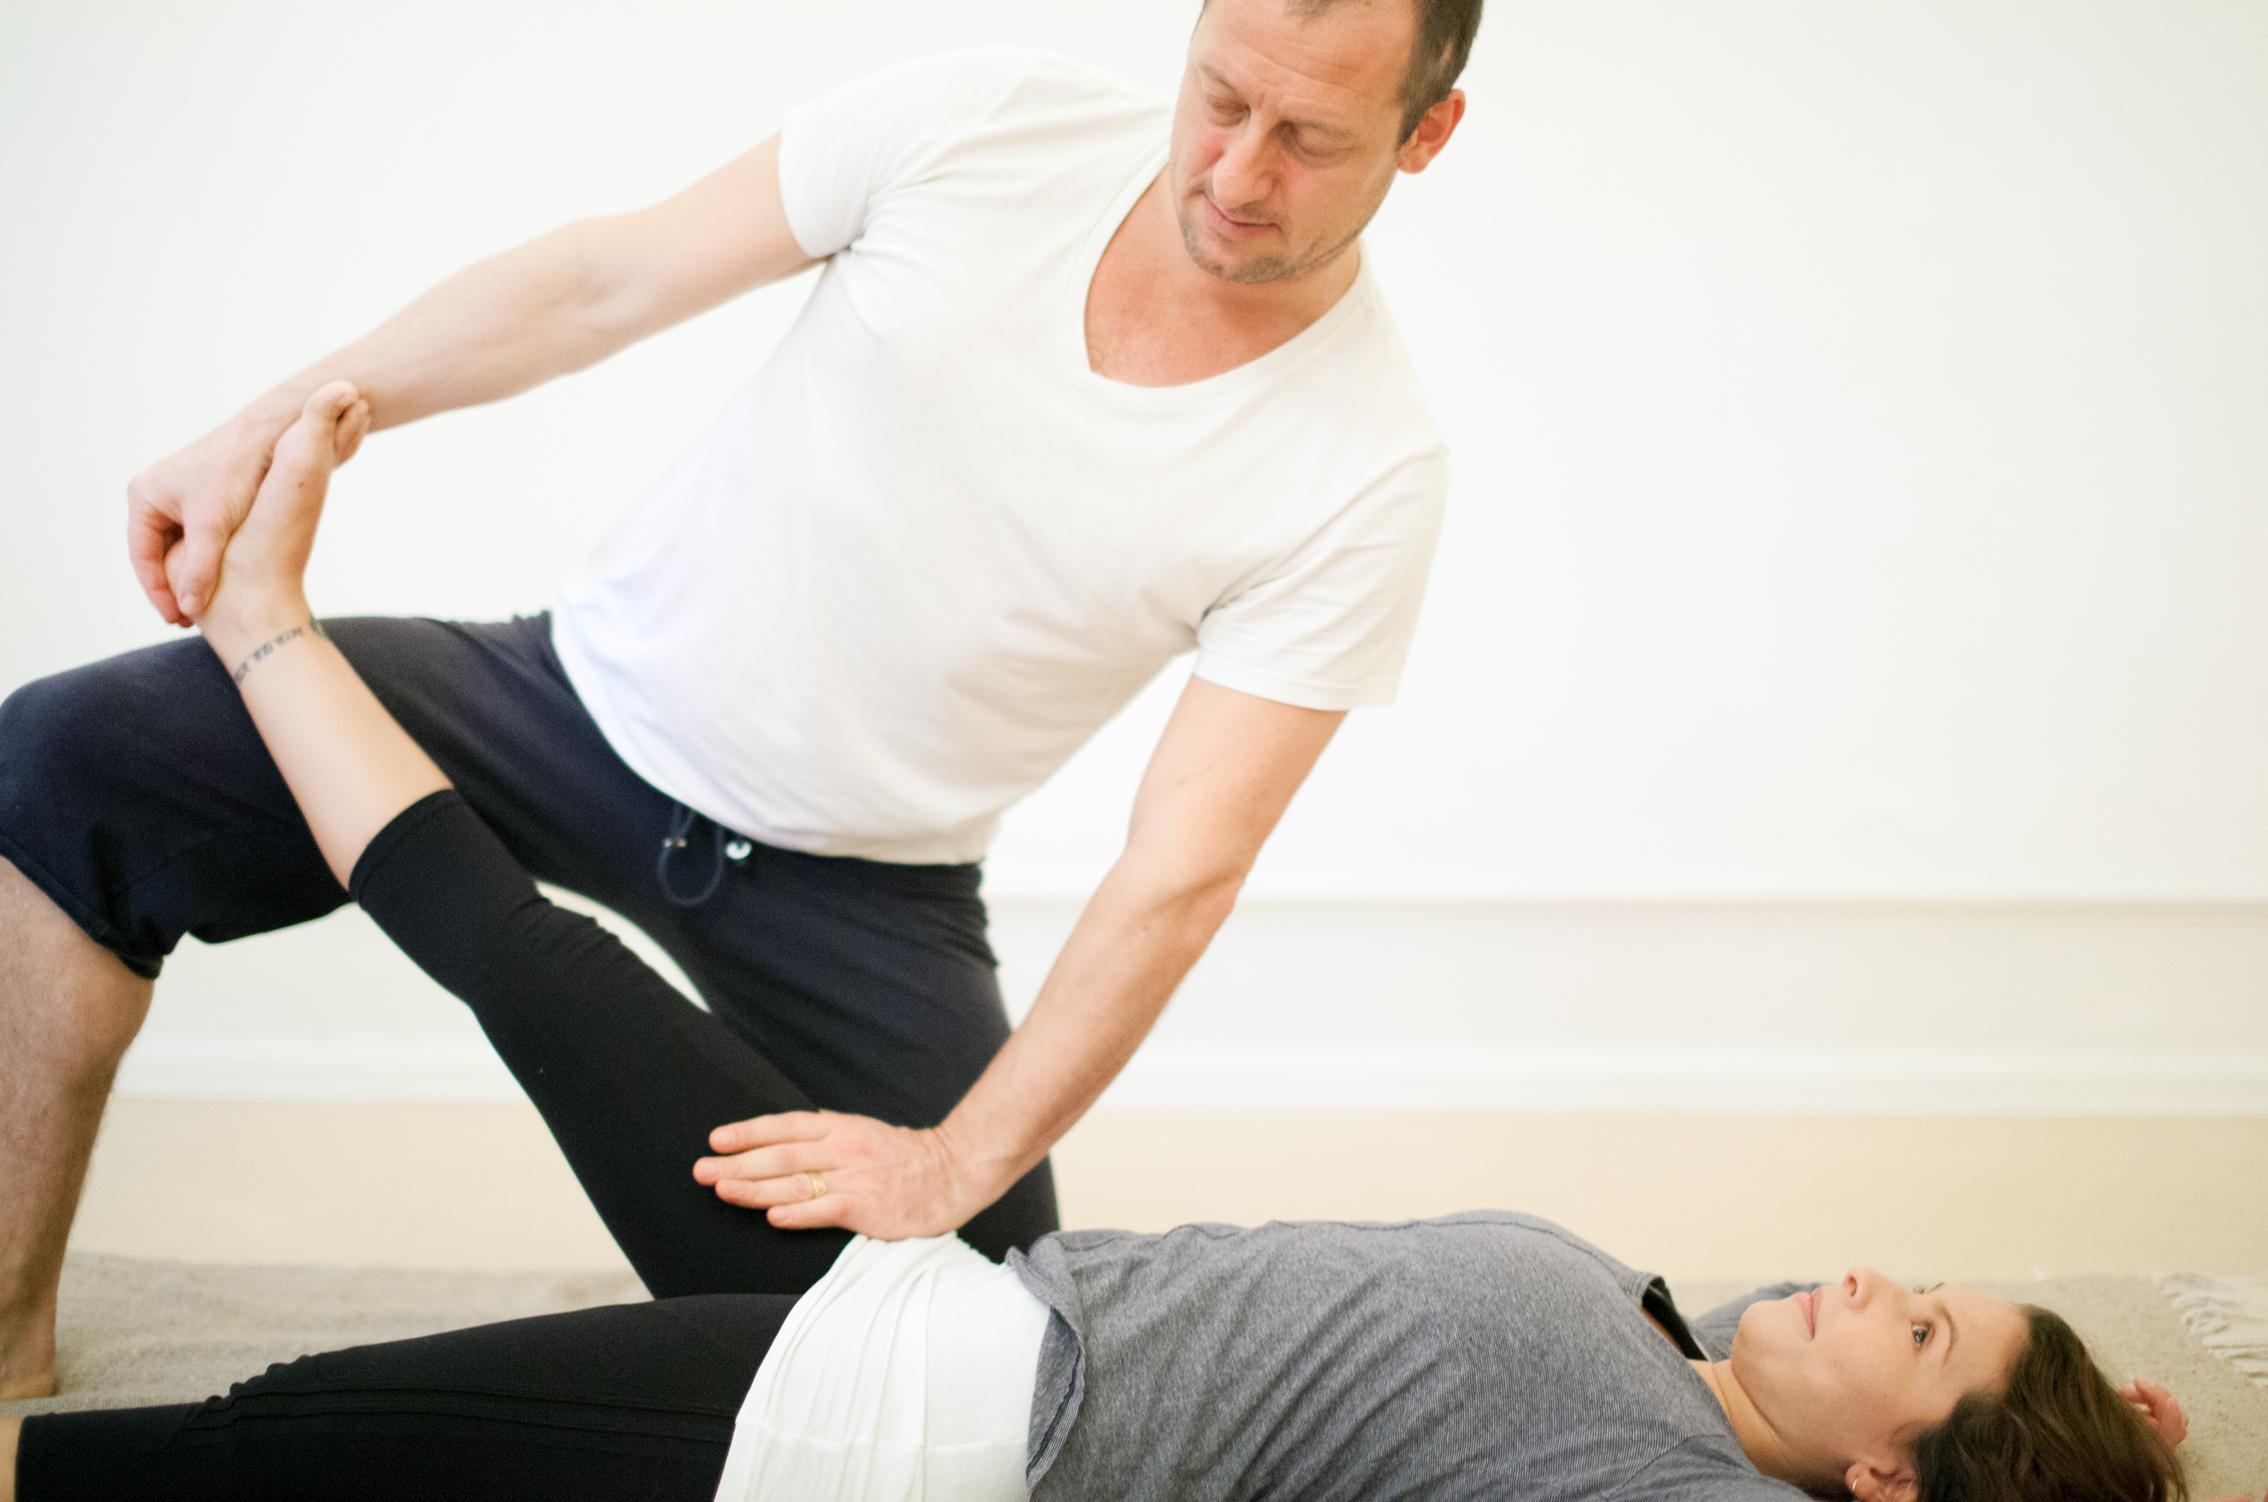 massageklinikker i københavn body 2 body thai massage